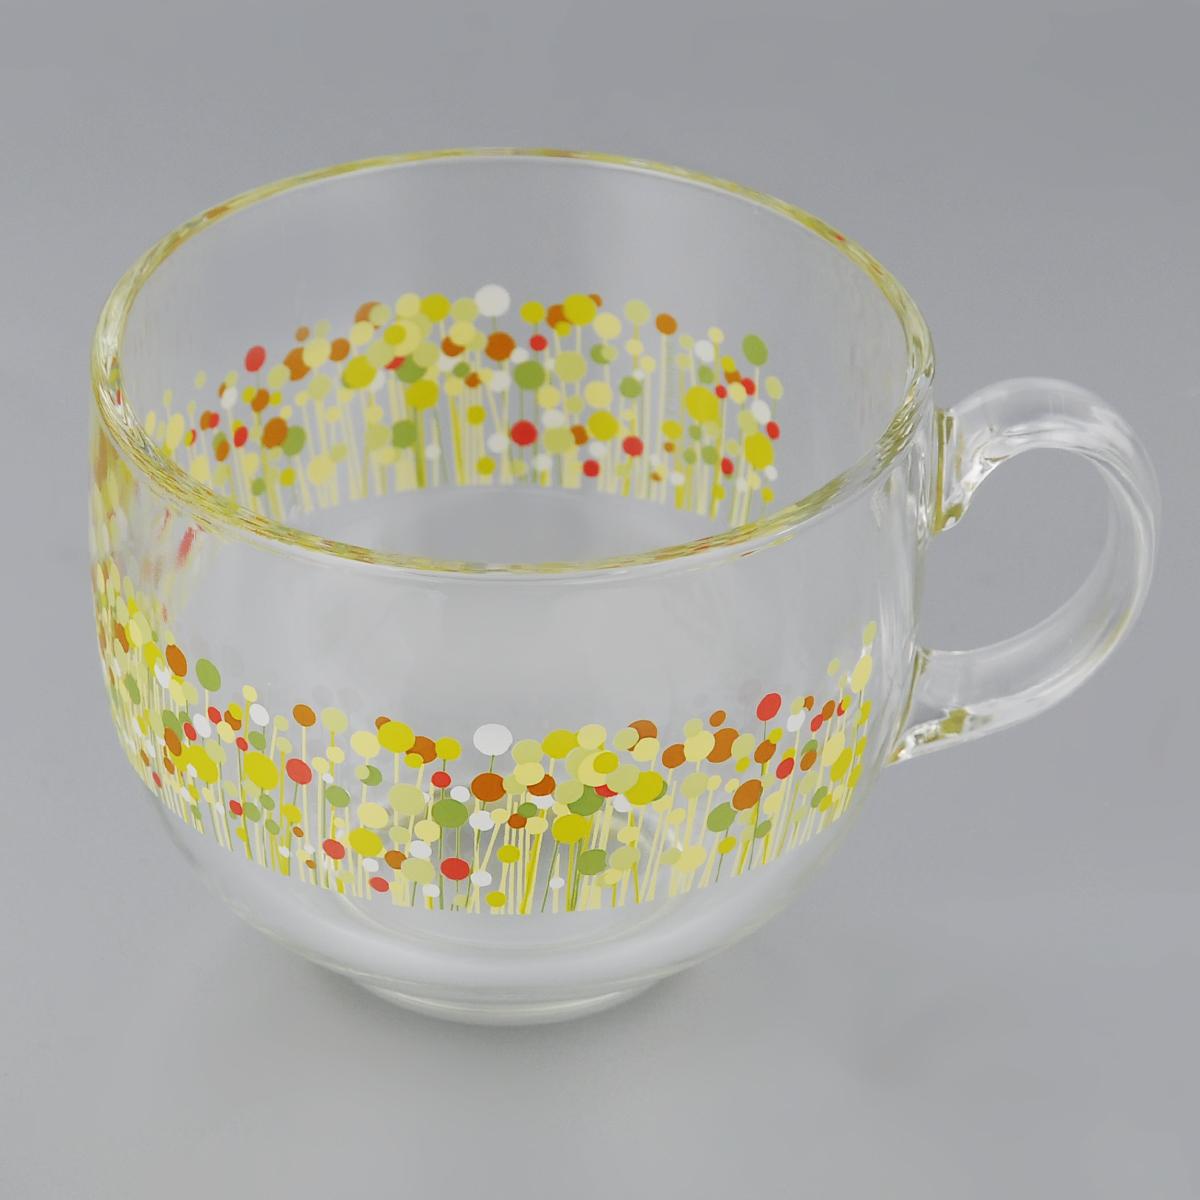 Кружка Luminarc Flowerfield. Джамбо, 500 мл95339Кружка Luminarc Flowerfield. Джамбо изготовлена из ударопрочного стекла. Такая кружка прекрасно подойдет для горячих и холодных напитков. Она дополнит коллекцию вашей кухонной посуды и будет служить долгие годы. Диаметр кружки (по верхнему краю): 10,5 см.